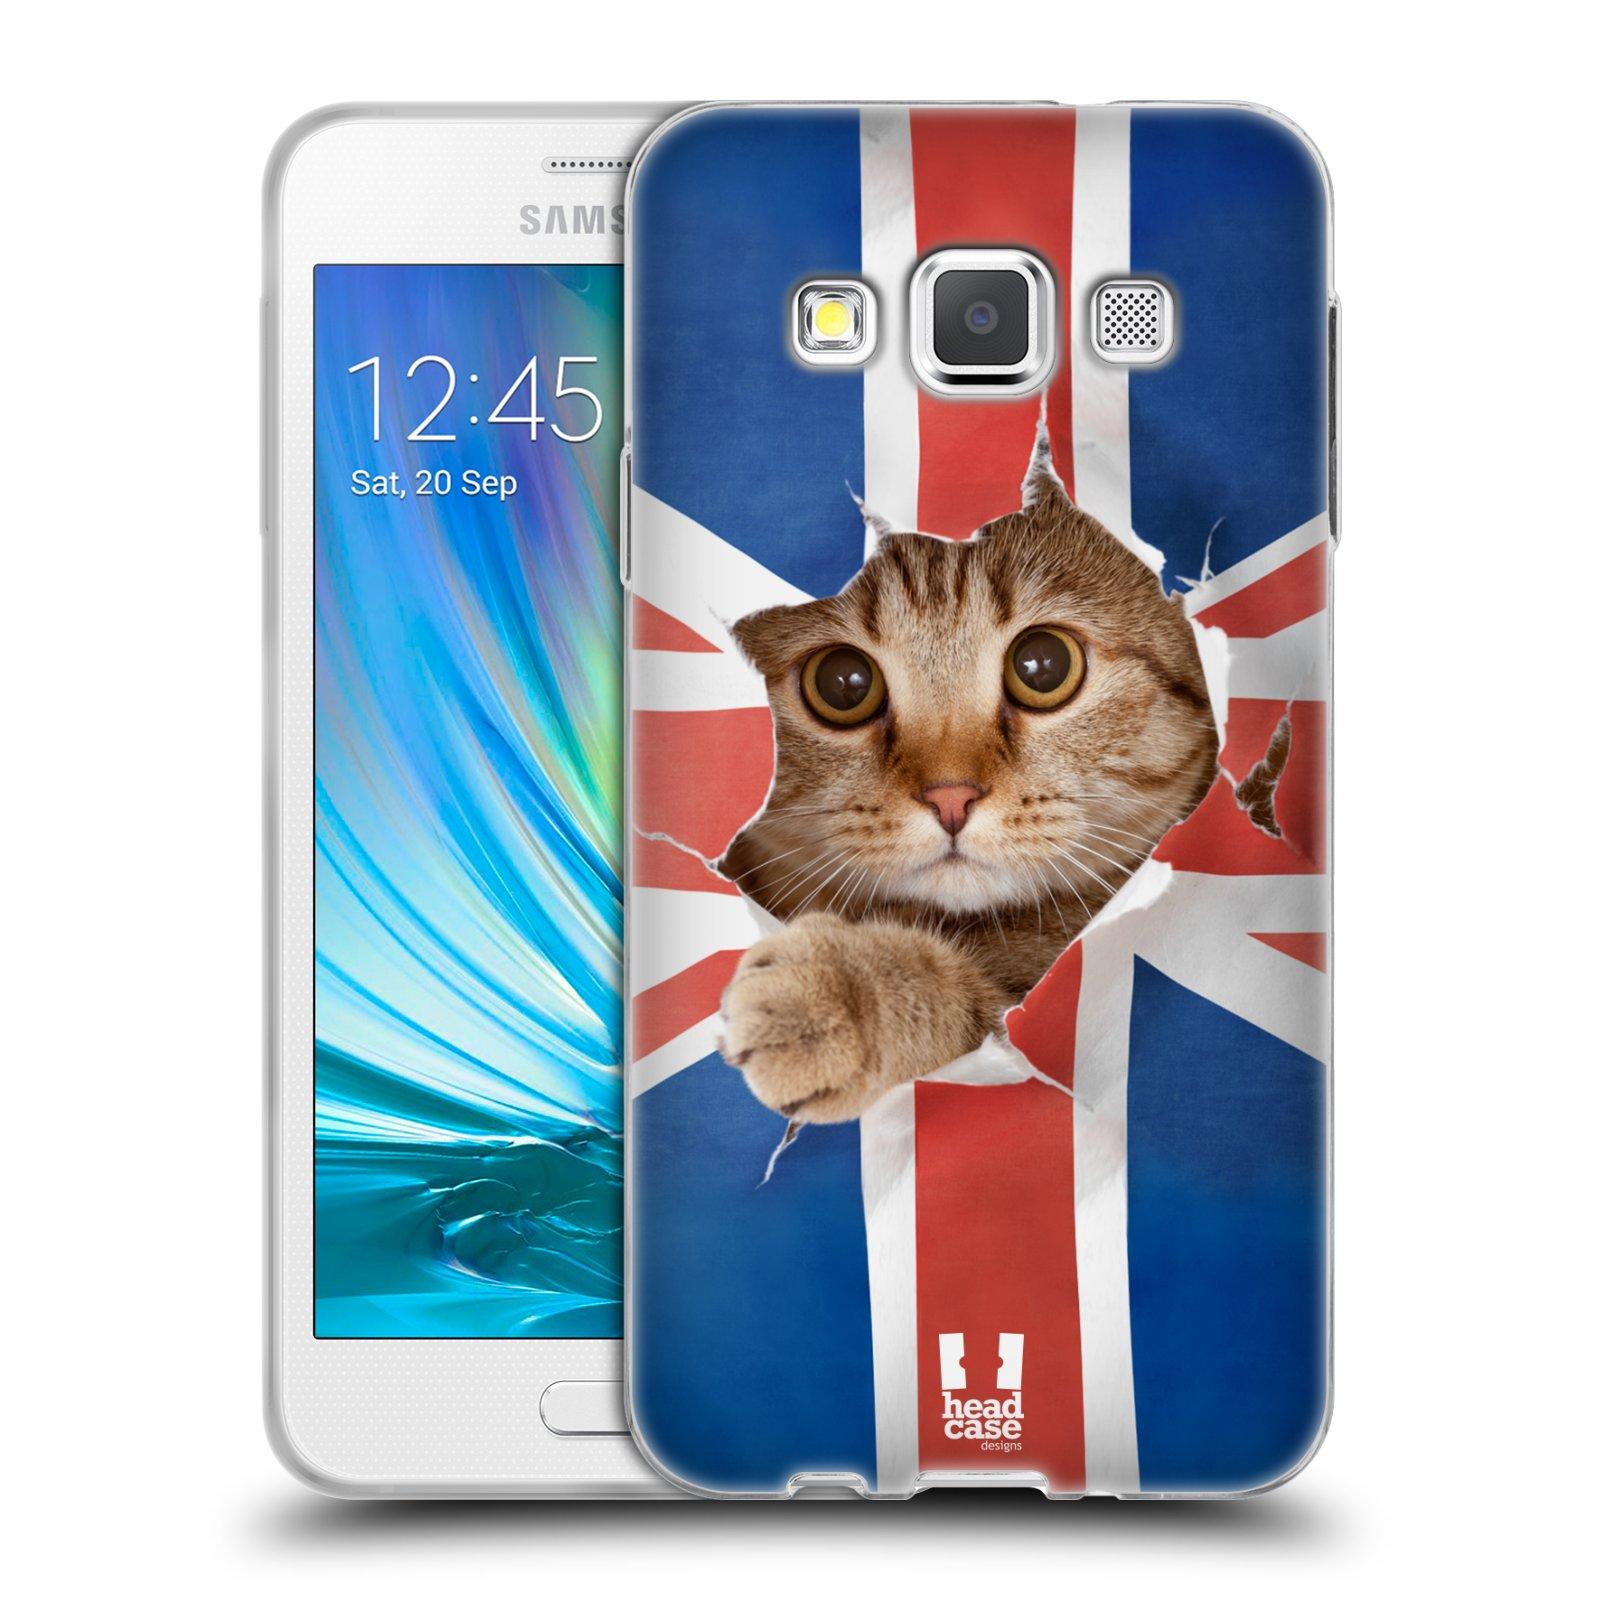 HEAD CASE silikonový obal na mobil Samsung Galaxy A3 vzor Legrační zvířátka kočička a Velká Británie vlajka